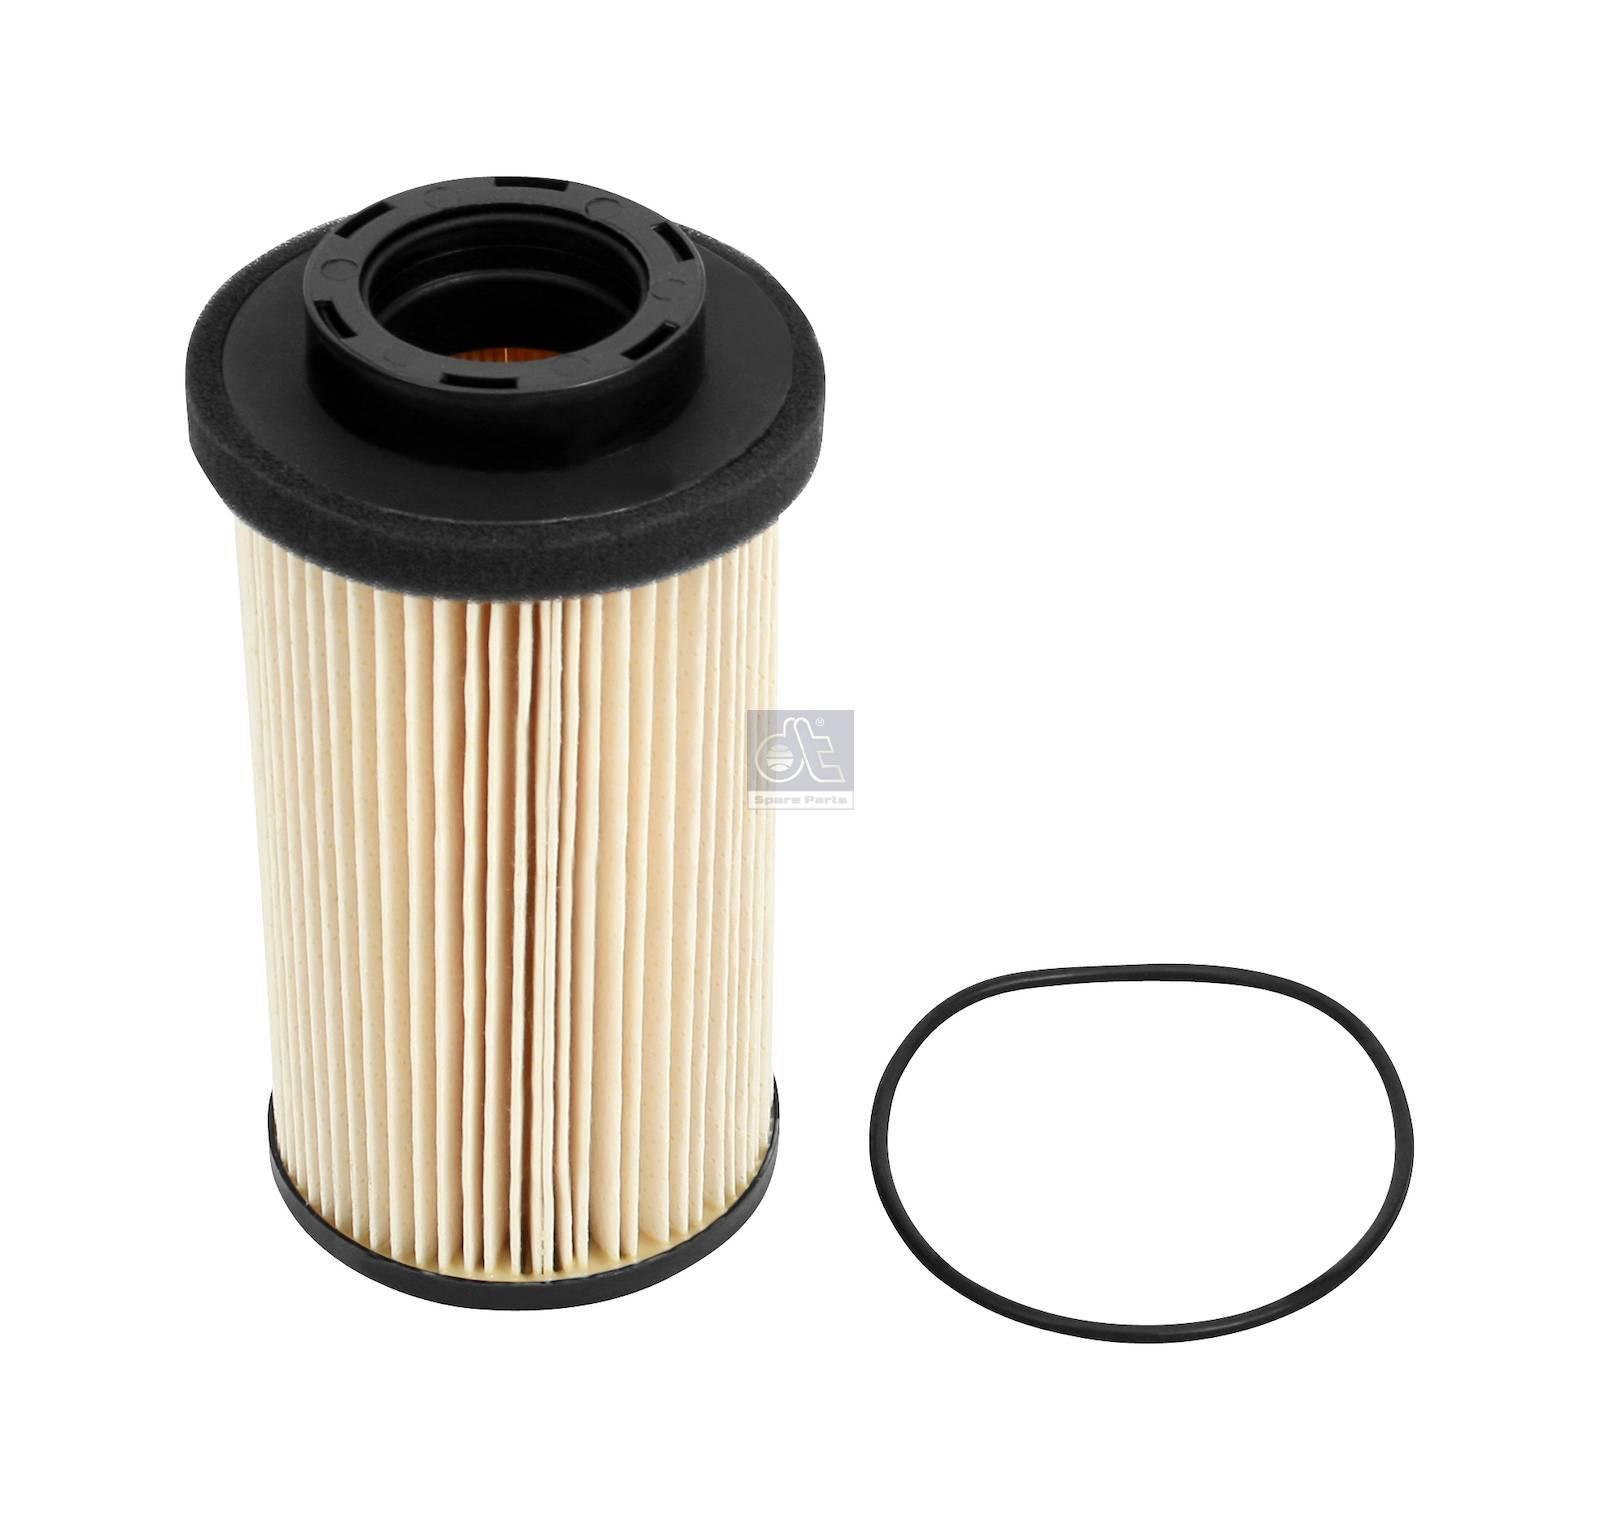 Fuel filter insert, new version